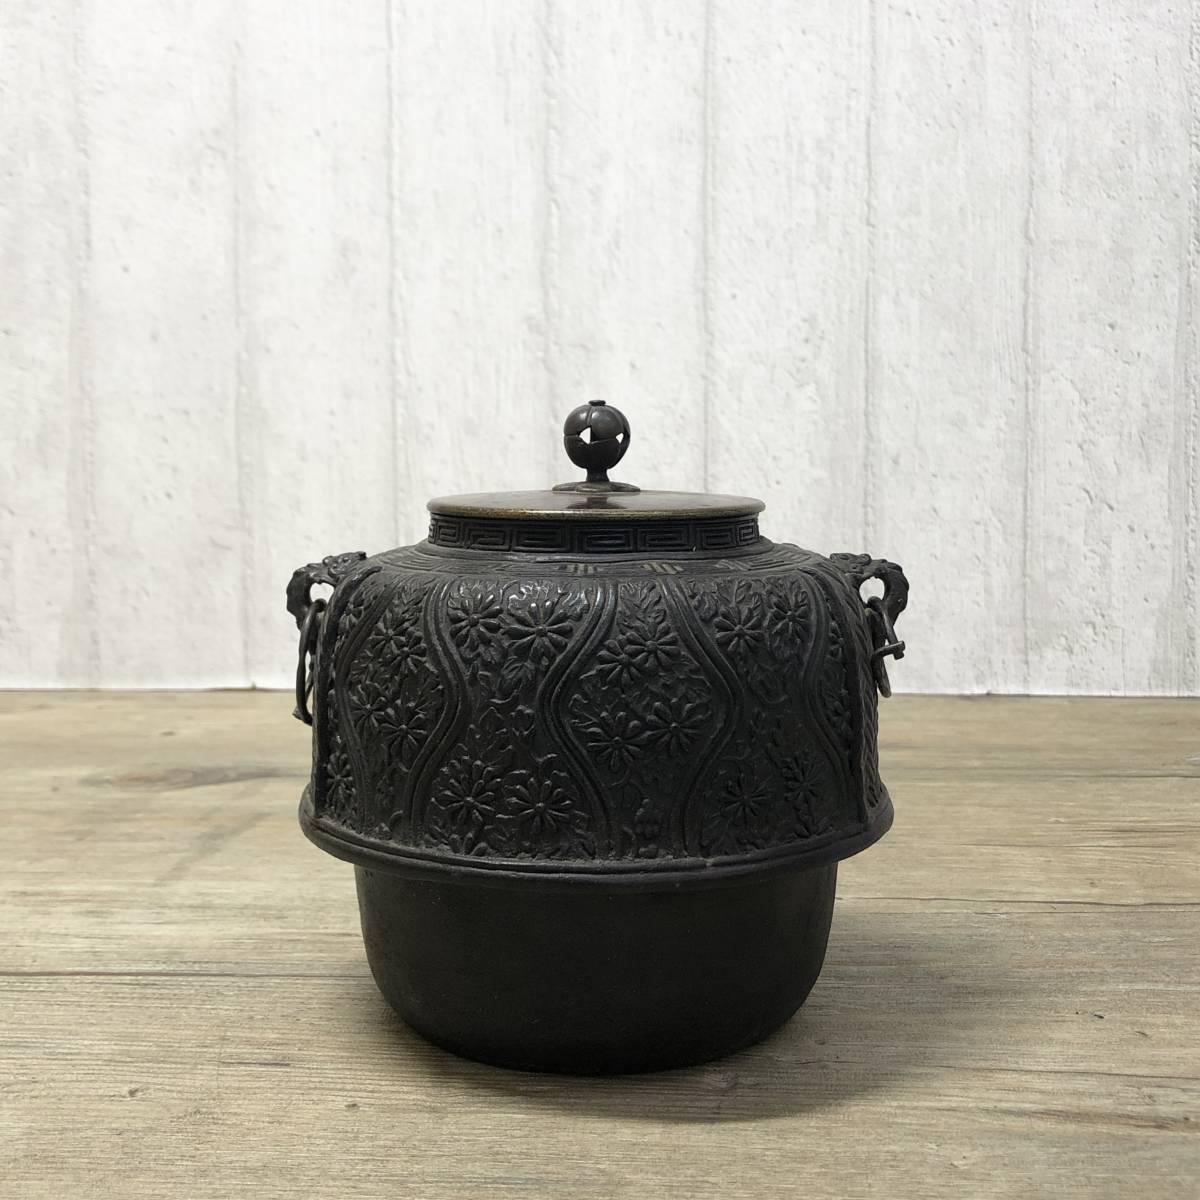 ● 茶釜 晴寿堂造 釜環付 斑紫銅蓋 鋳物 鉄釜 湯釜 湯沸かし 茶道具 煎茶道具 KB